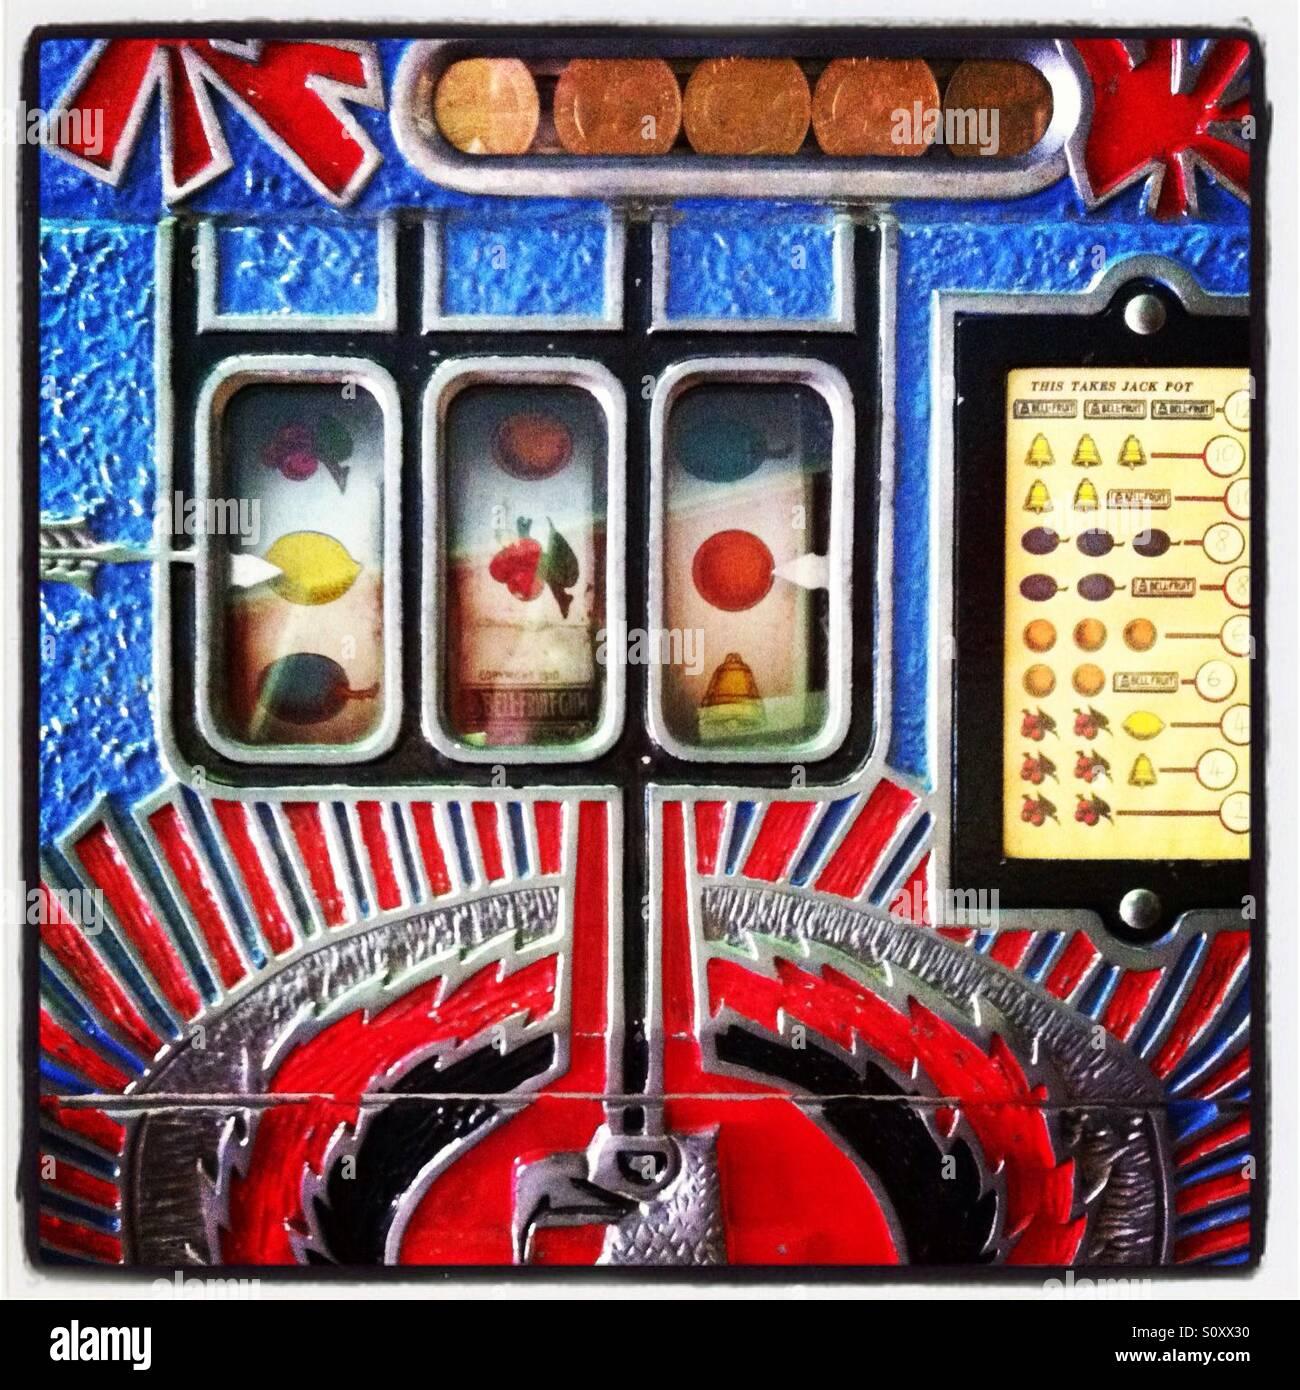 Retro-Spielautomat mit Fruchtsymbolen und einem gewagten bunten Design. Stockbild